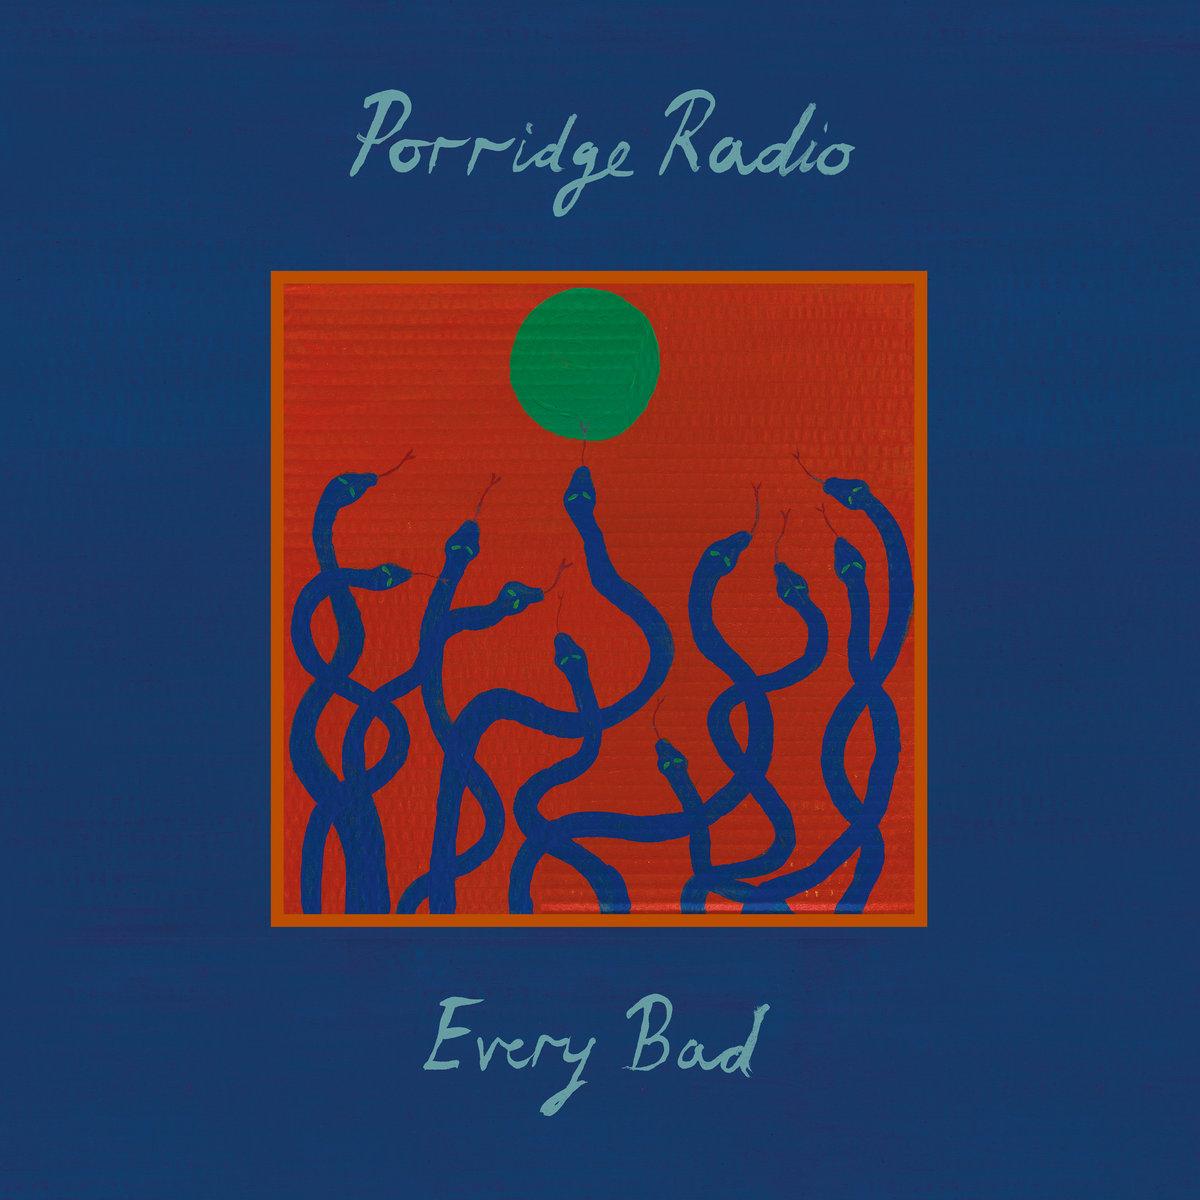 Porridge Radio - Every Bad LP